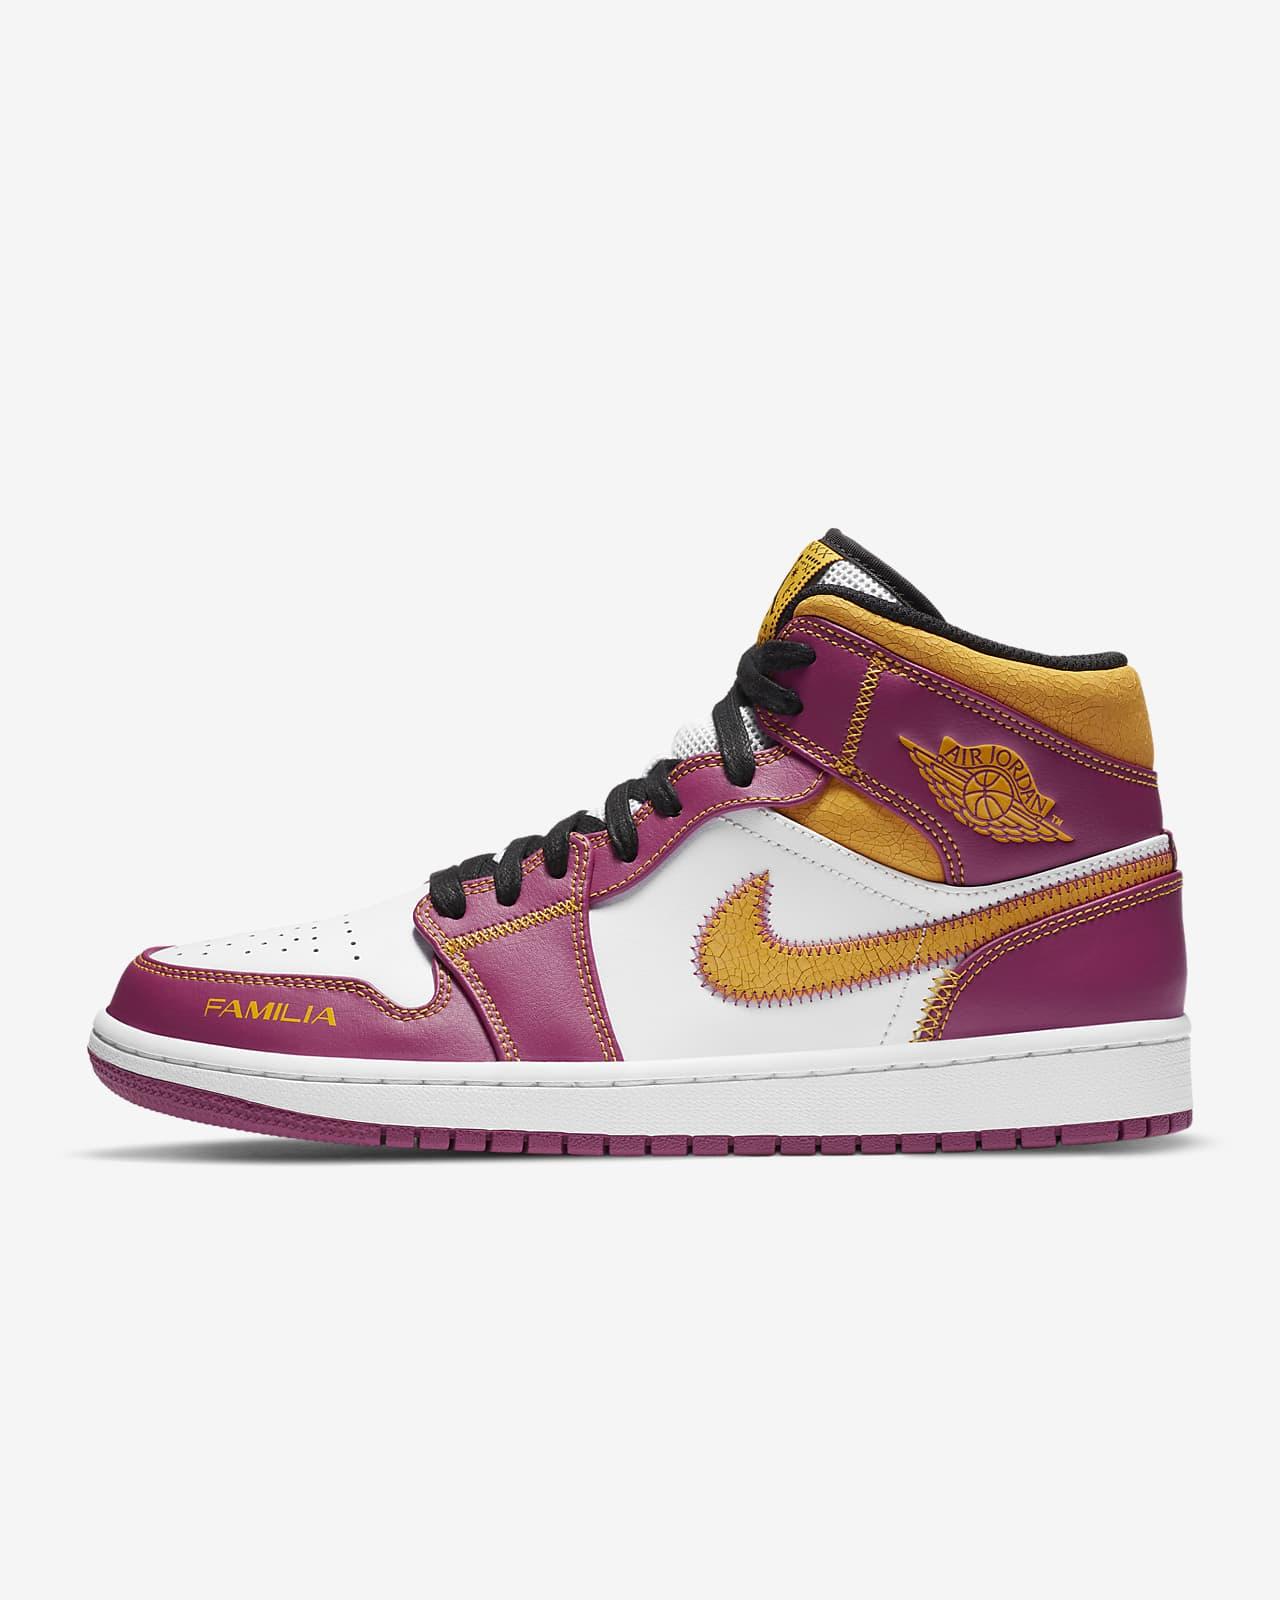 Air Jordan 1 Mid 'Día De Muertos' Men's Shoes